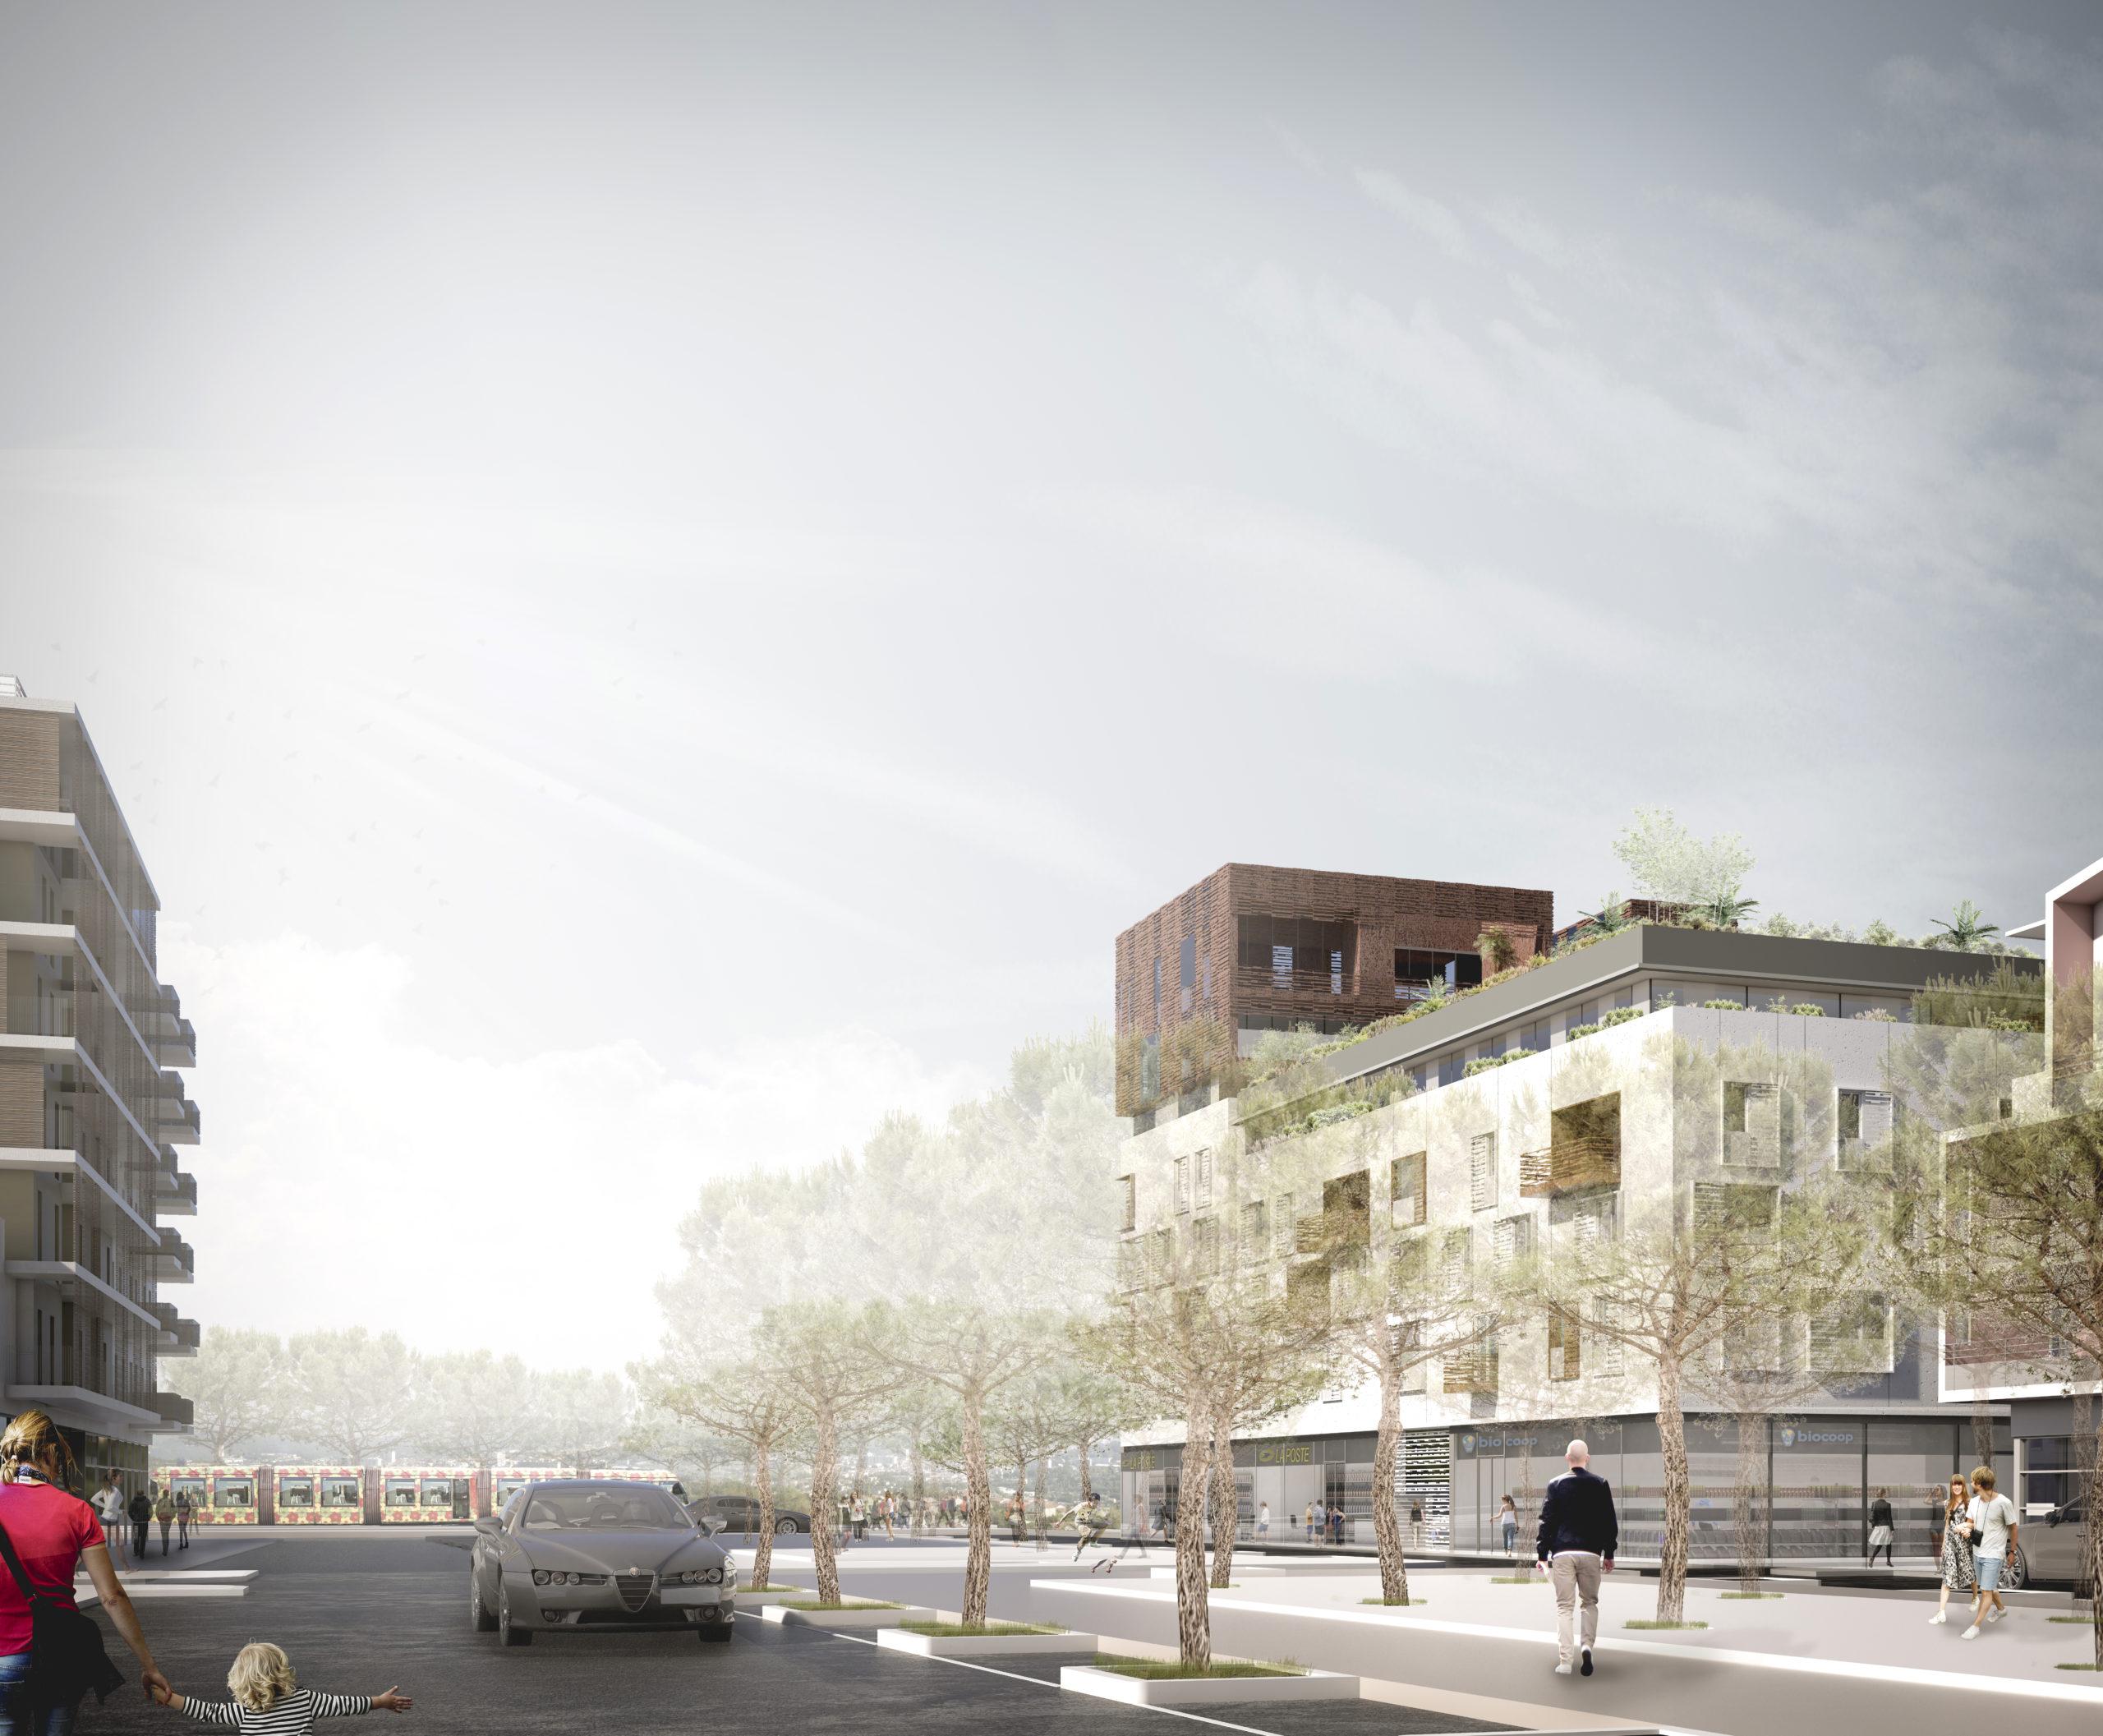 Perspective du bâtiment dans son contexte urbain. Vue depuis la rue dans la ZAC des grisettes à Montpellier.